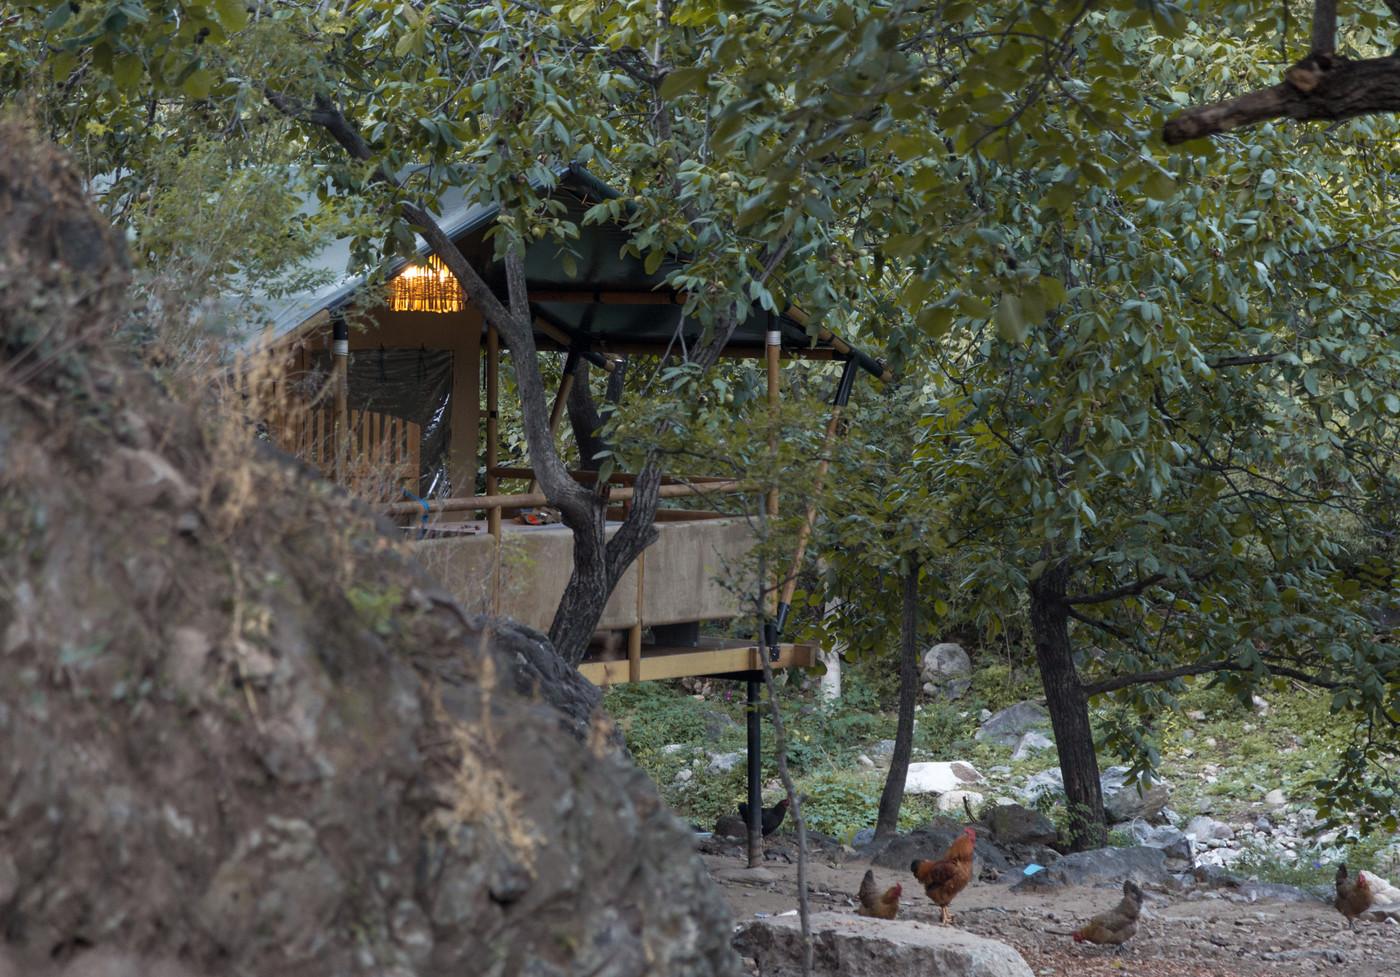 喜马拉雅野奢帐篷酒店一北京石头 剪刀 布一私享院子 54平山谷型  12